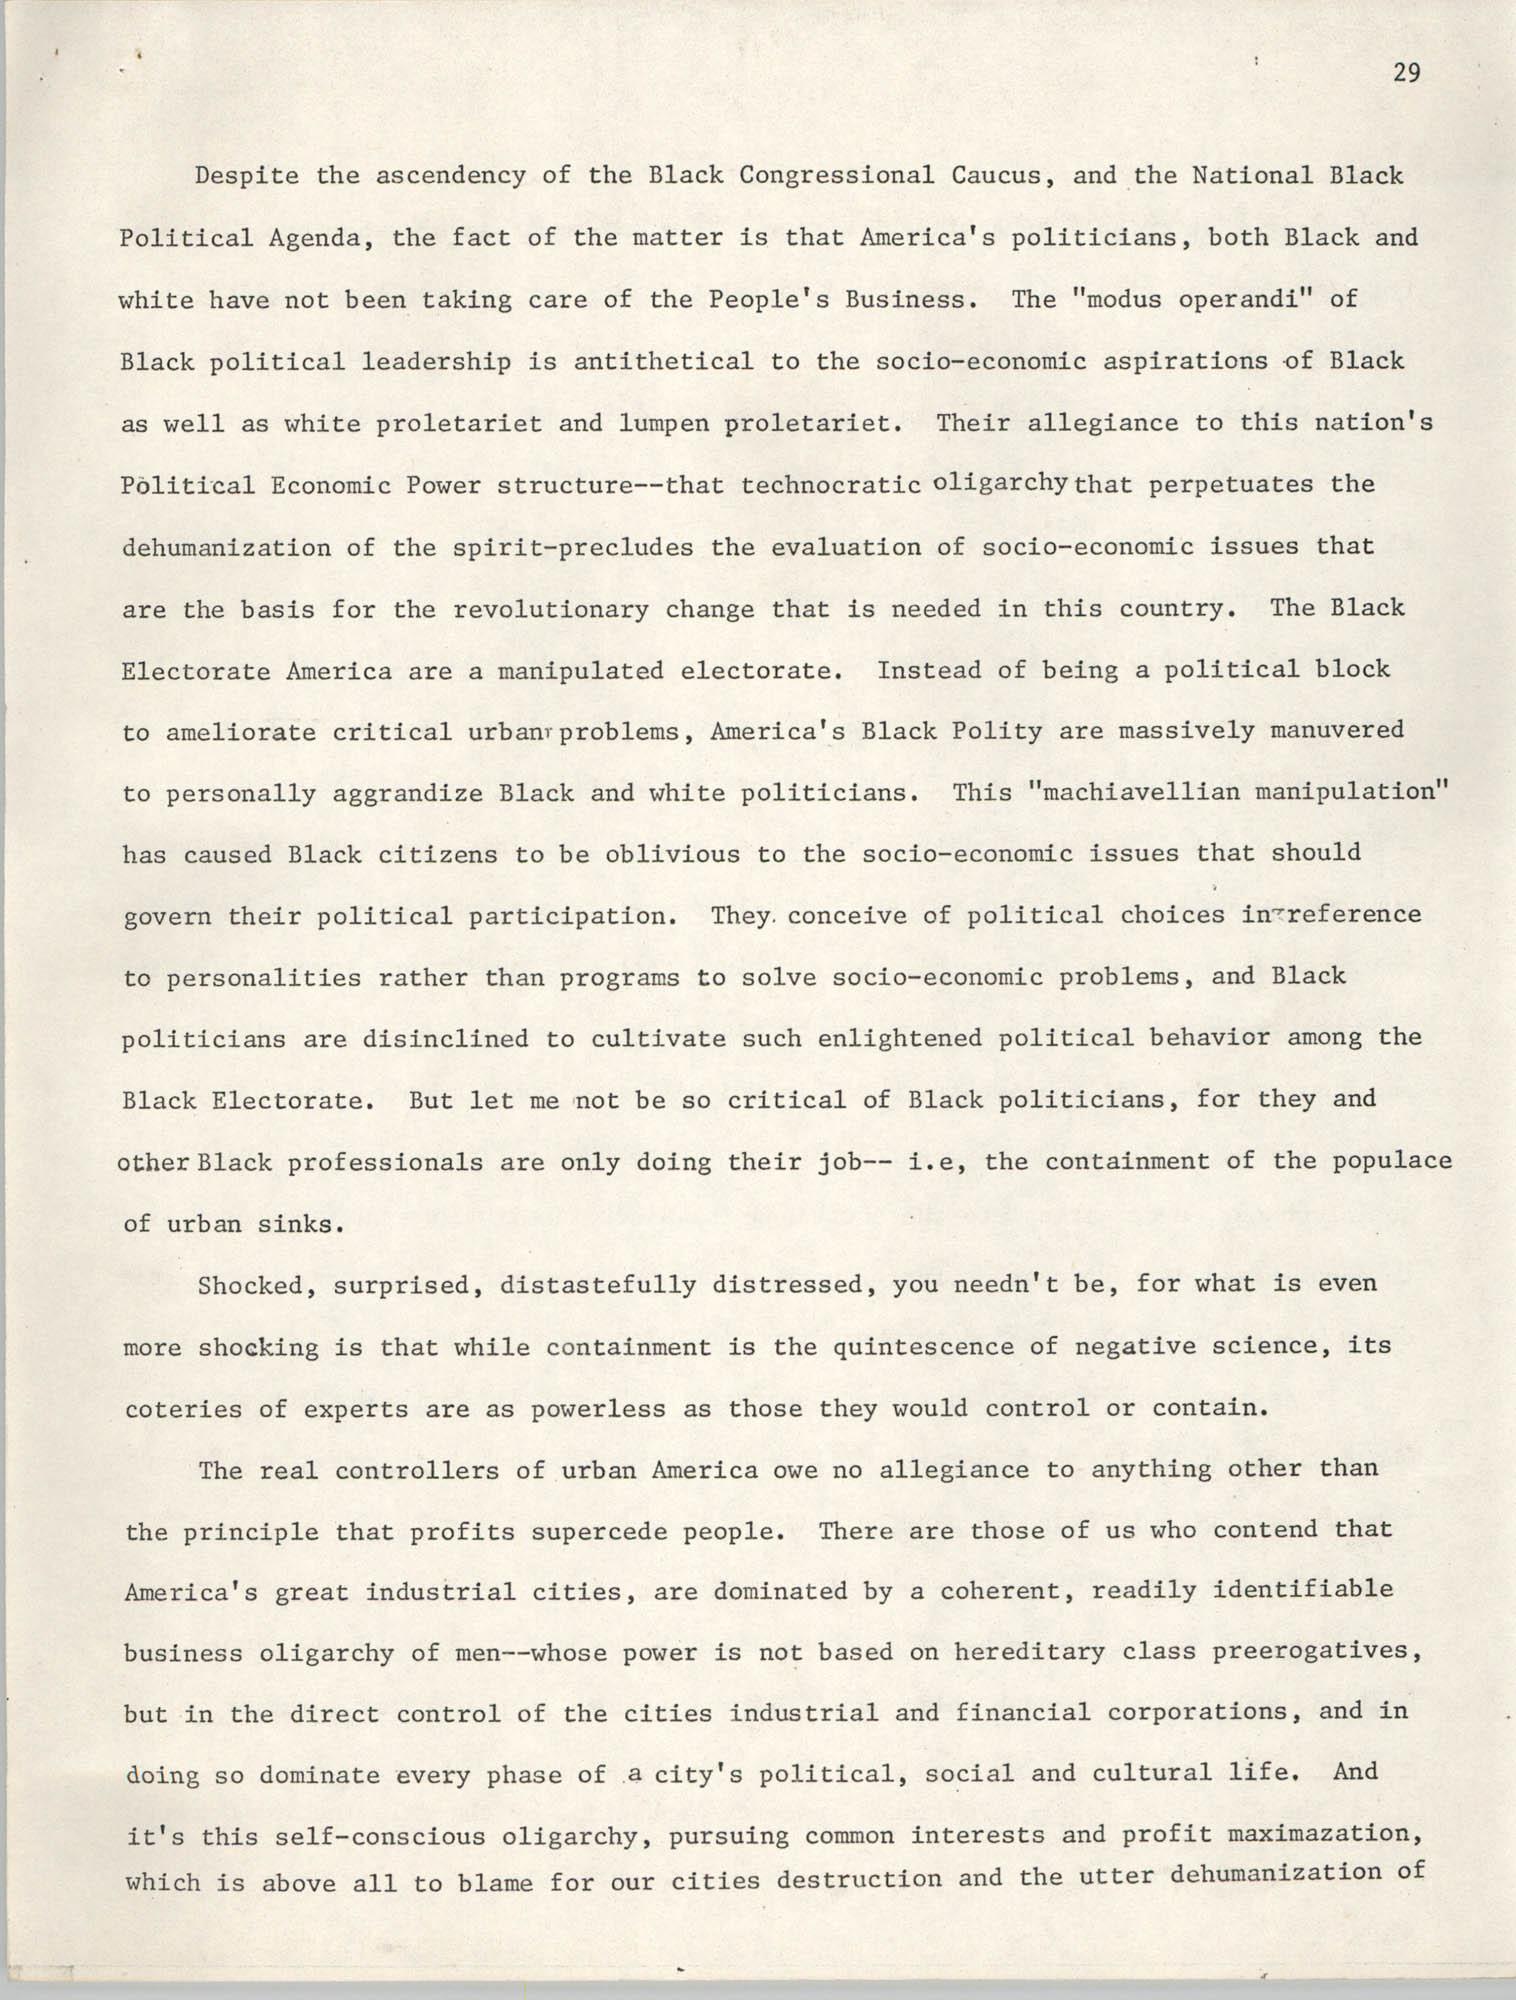 SHARE, Volume I, Number 8, April 1973, Page 29